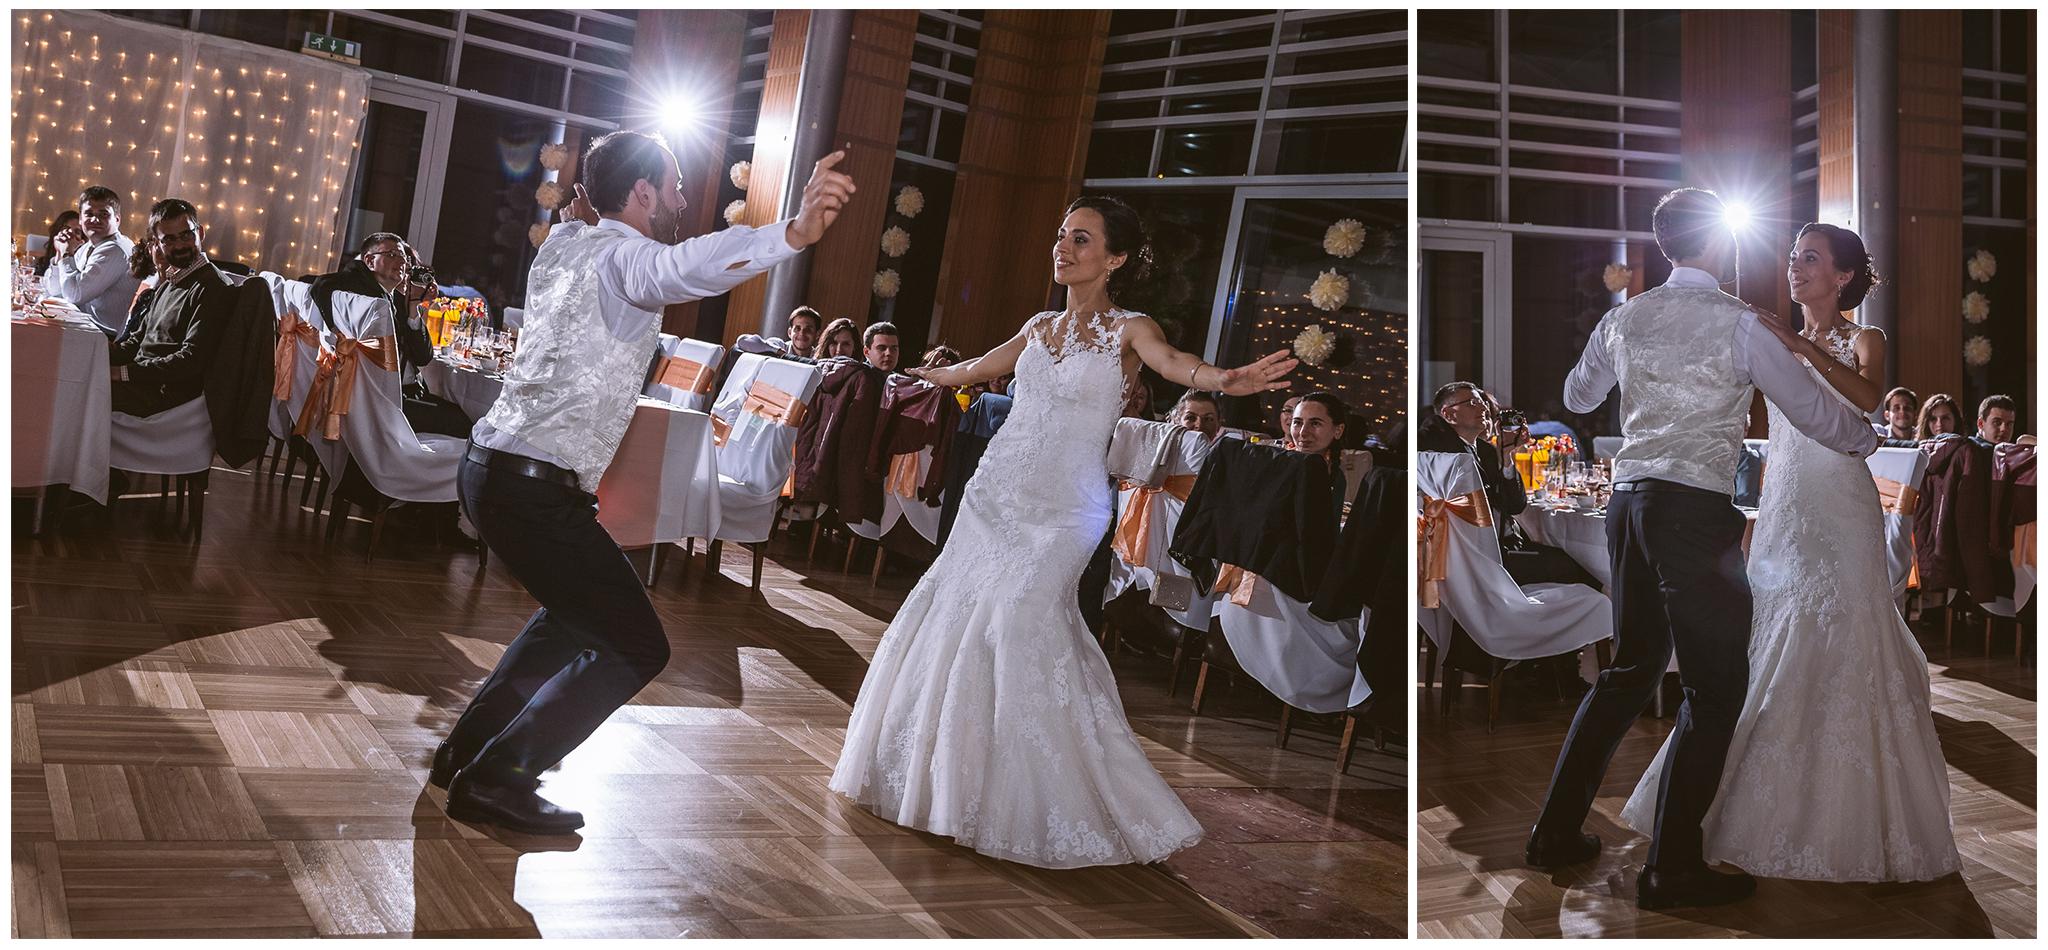 FylepPhoto, esküvőfotós, esküvői fotós Körmend, Szombathely, esküvőfotózás, magyarország, vas megye, prémium, jegyesfotózás, Fülöp Péter, körmend, kreatív, fotográfus_037.jpg